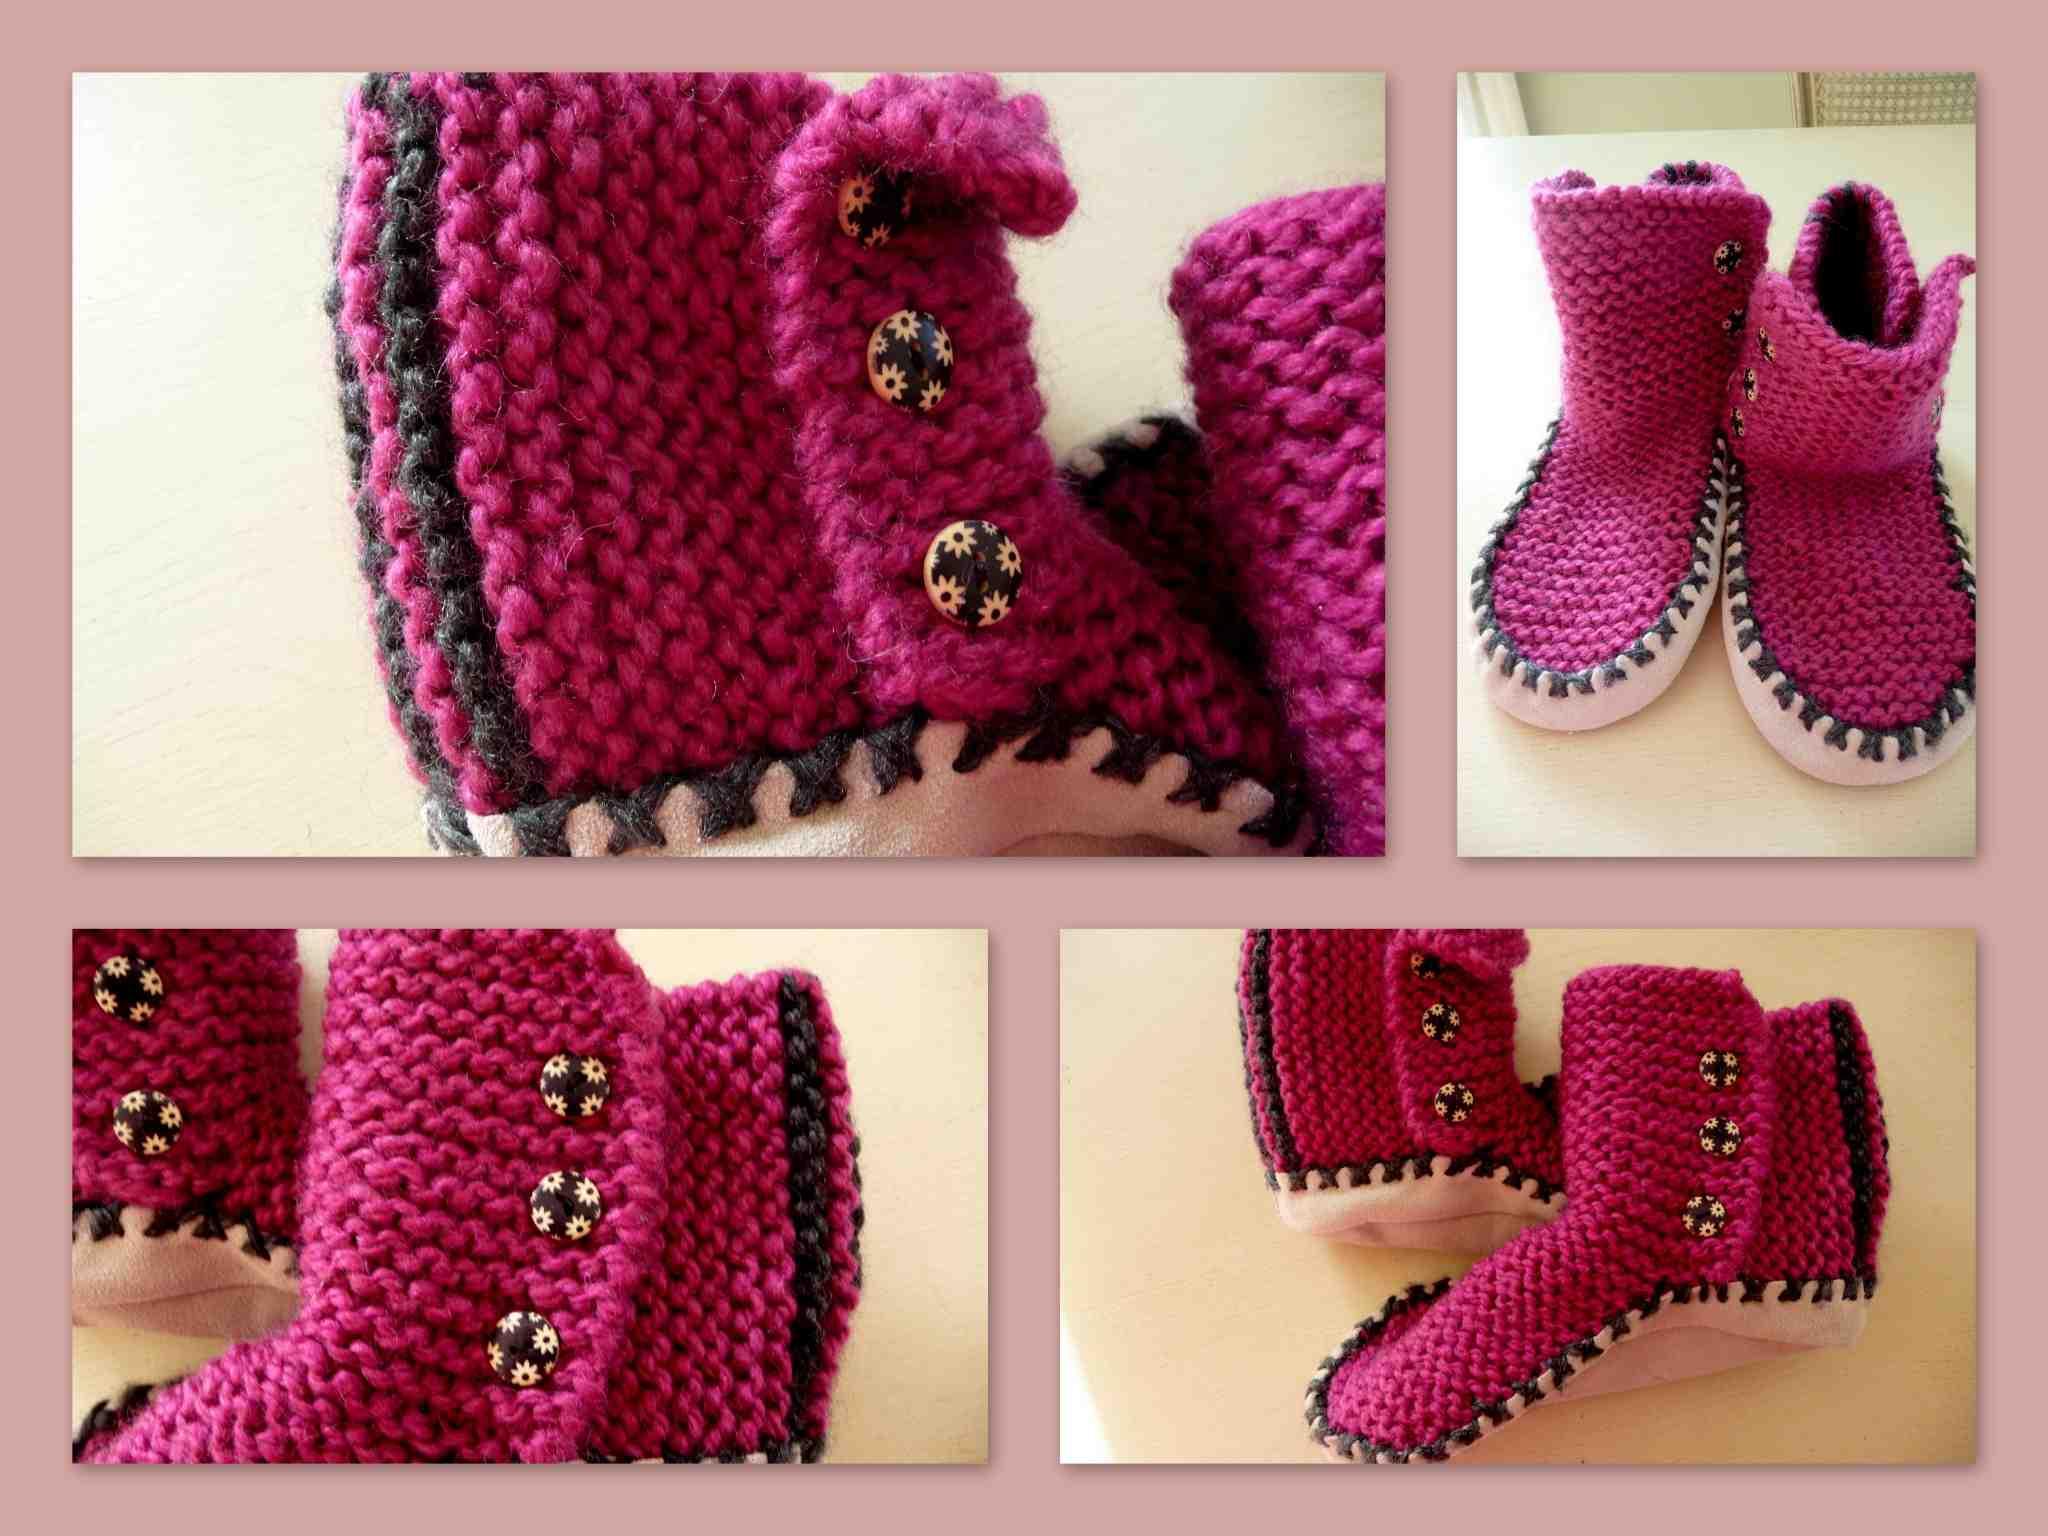 Comment tricoter des chaussons en laine?